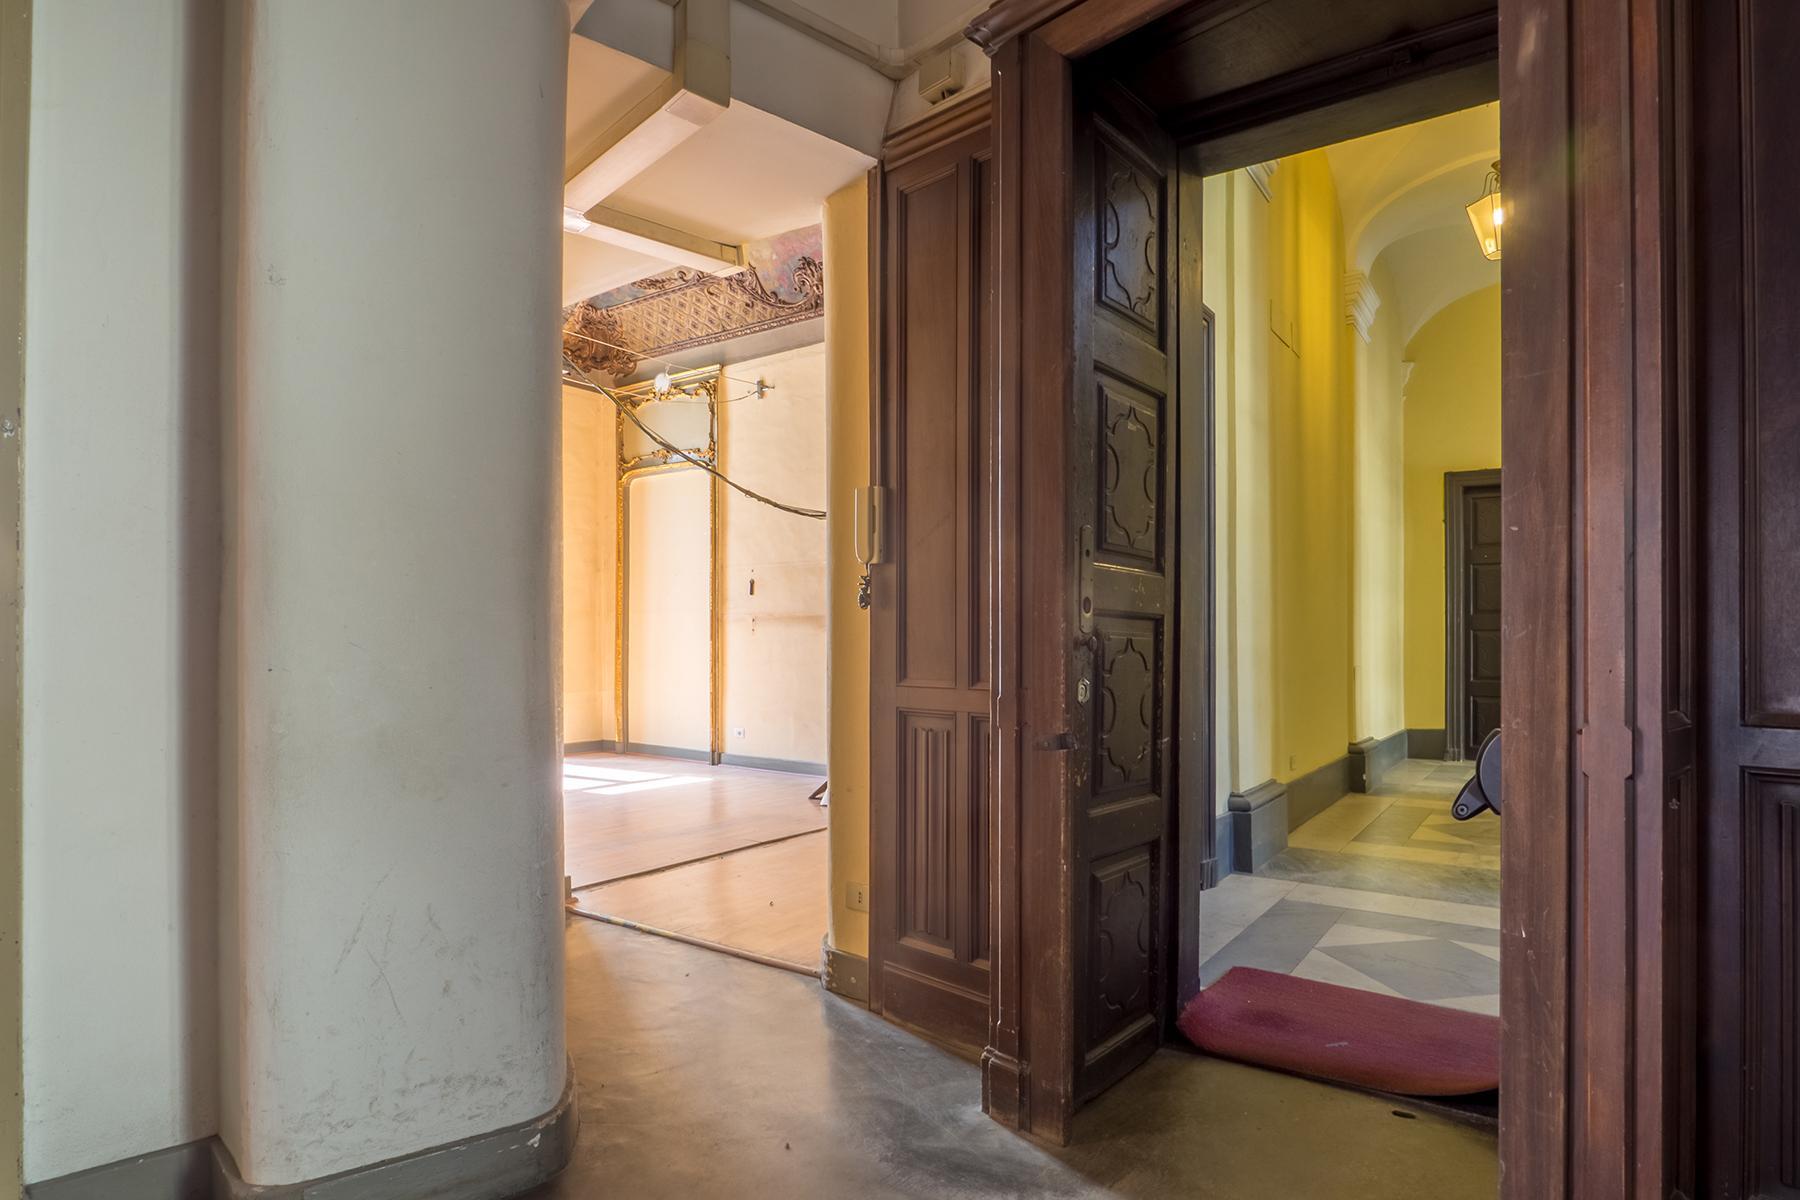 Ufficio di alta rappresentanza nel centro storico di Torino - 7